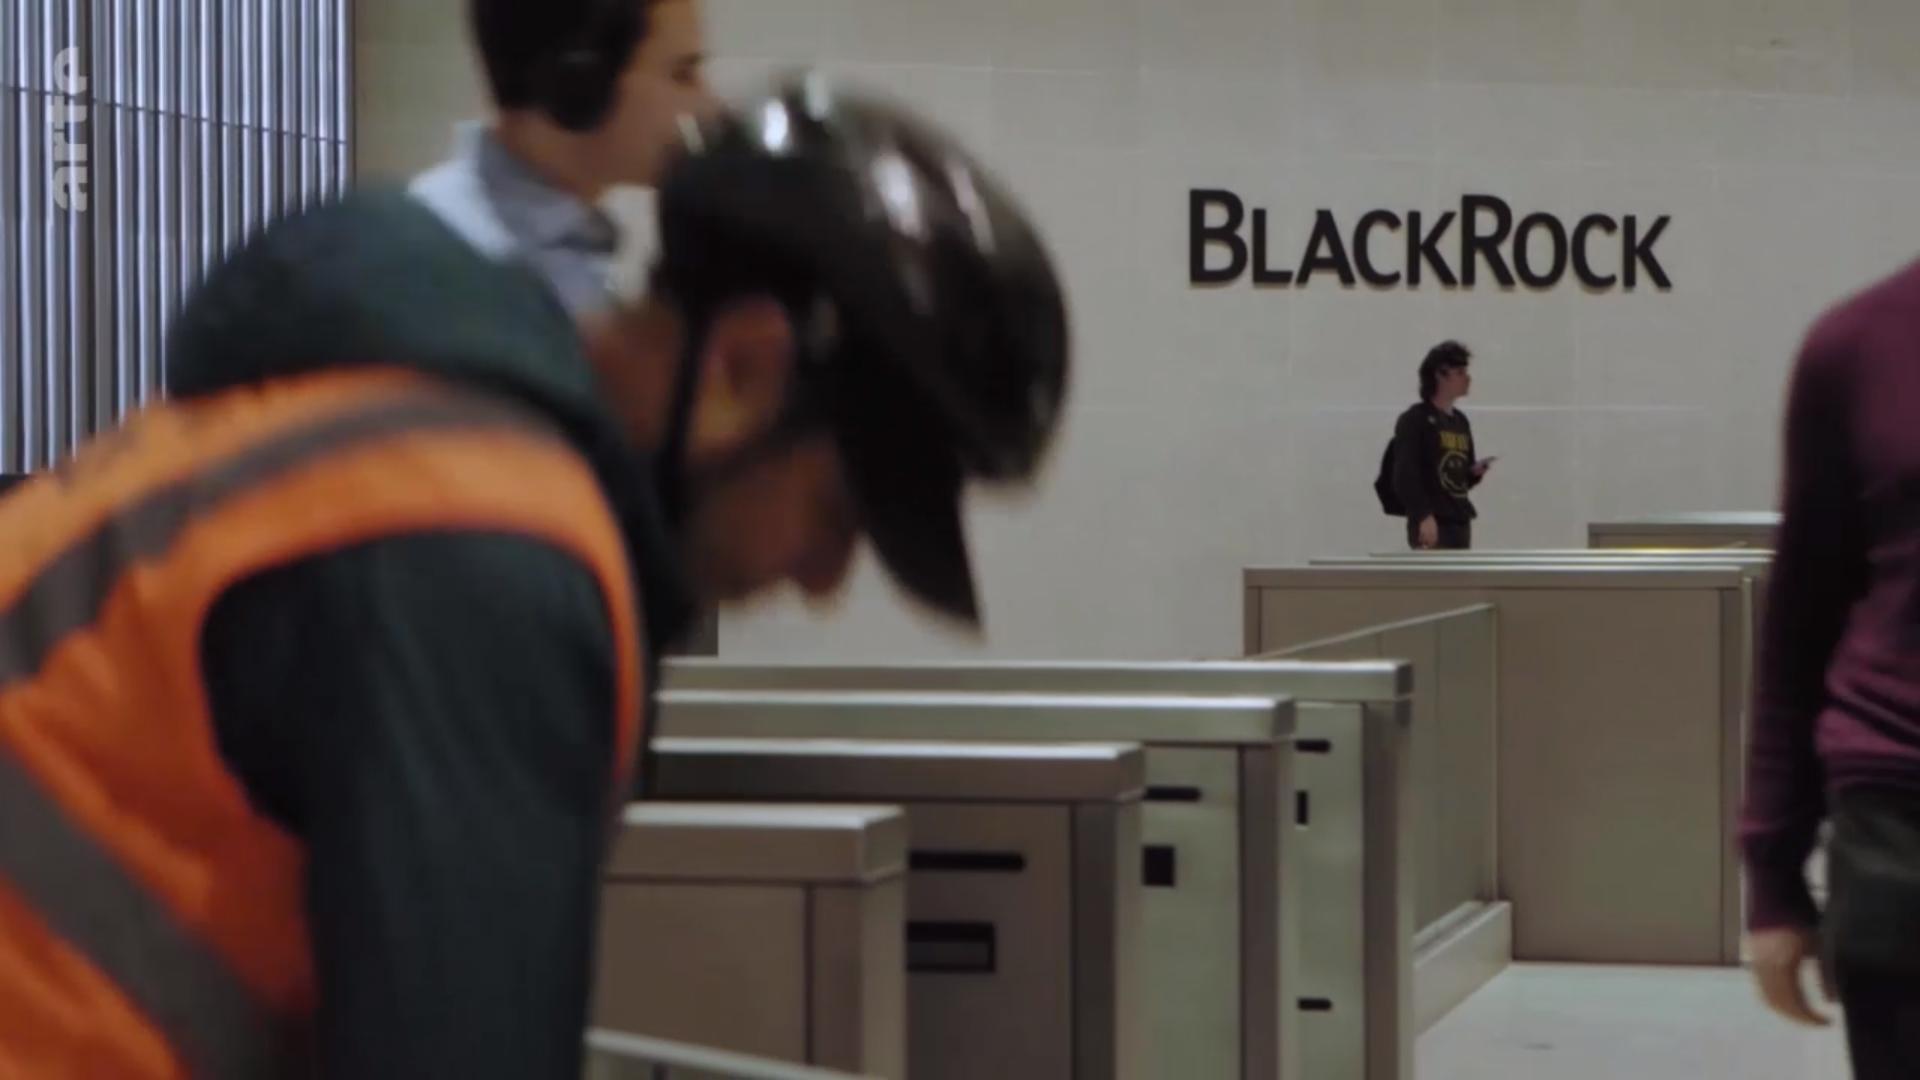 200423 - BlackRock Ces financiers qui dirigent le monde capture d'écran documentaire Arte - La Déviation